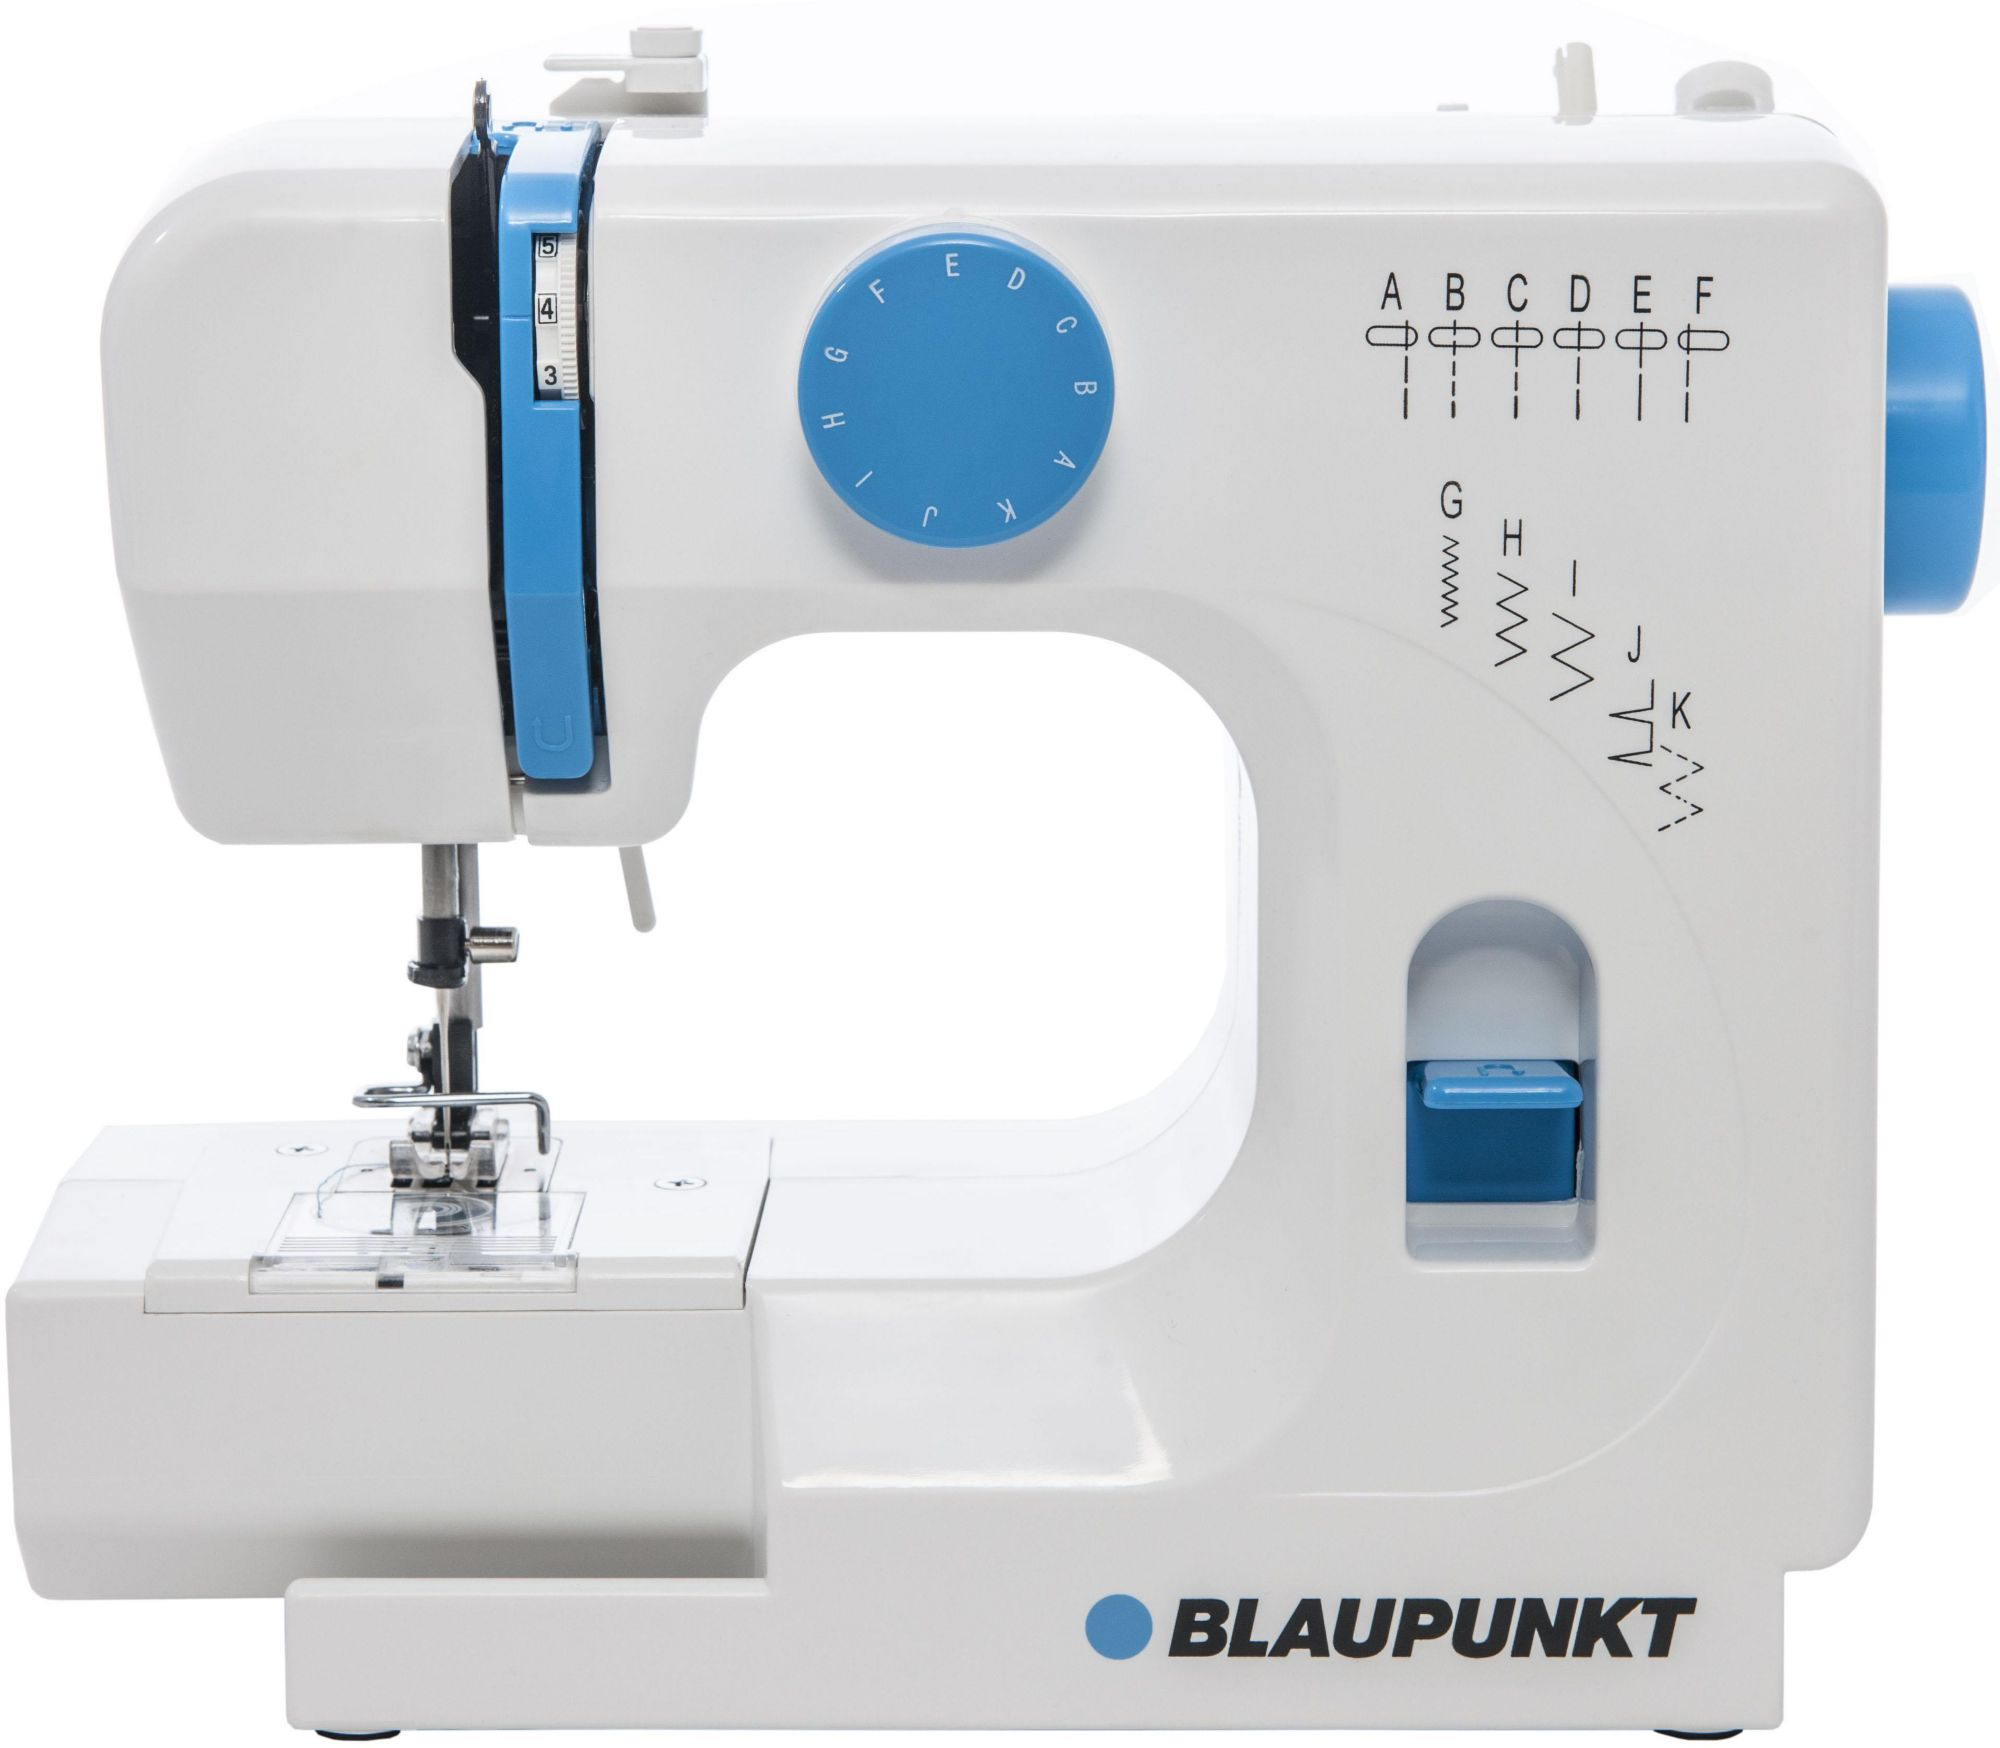 BLAUPUNKT Blaupunkt Nähmaschine Smart 625, 11 Nähprogramme, mit Zubehör